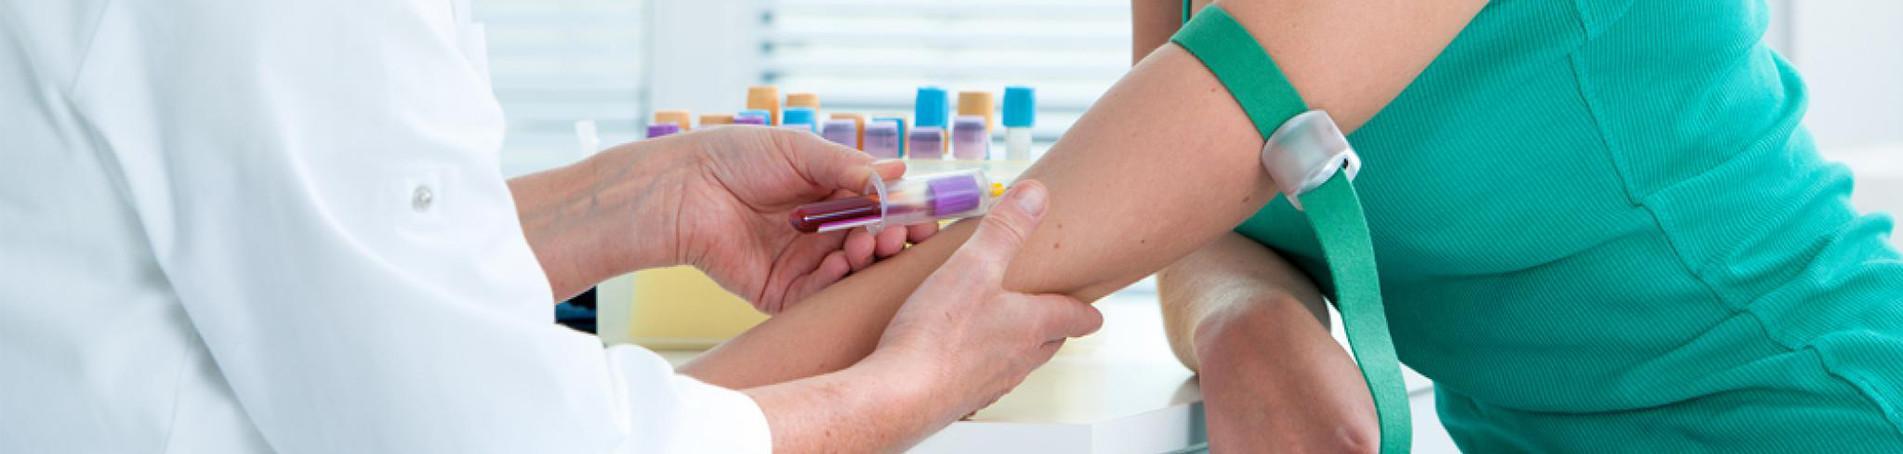 анализы на инфекции у женщин список